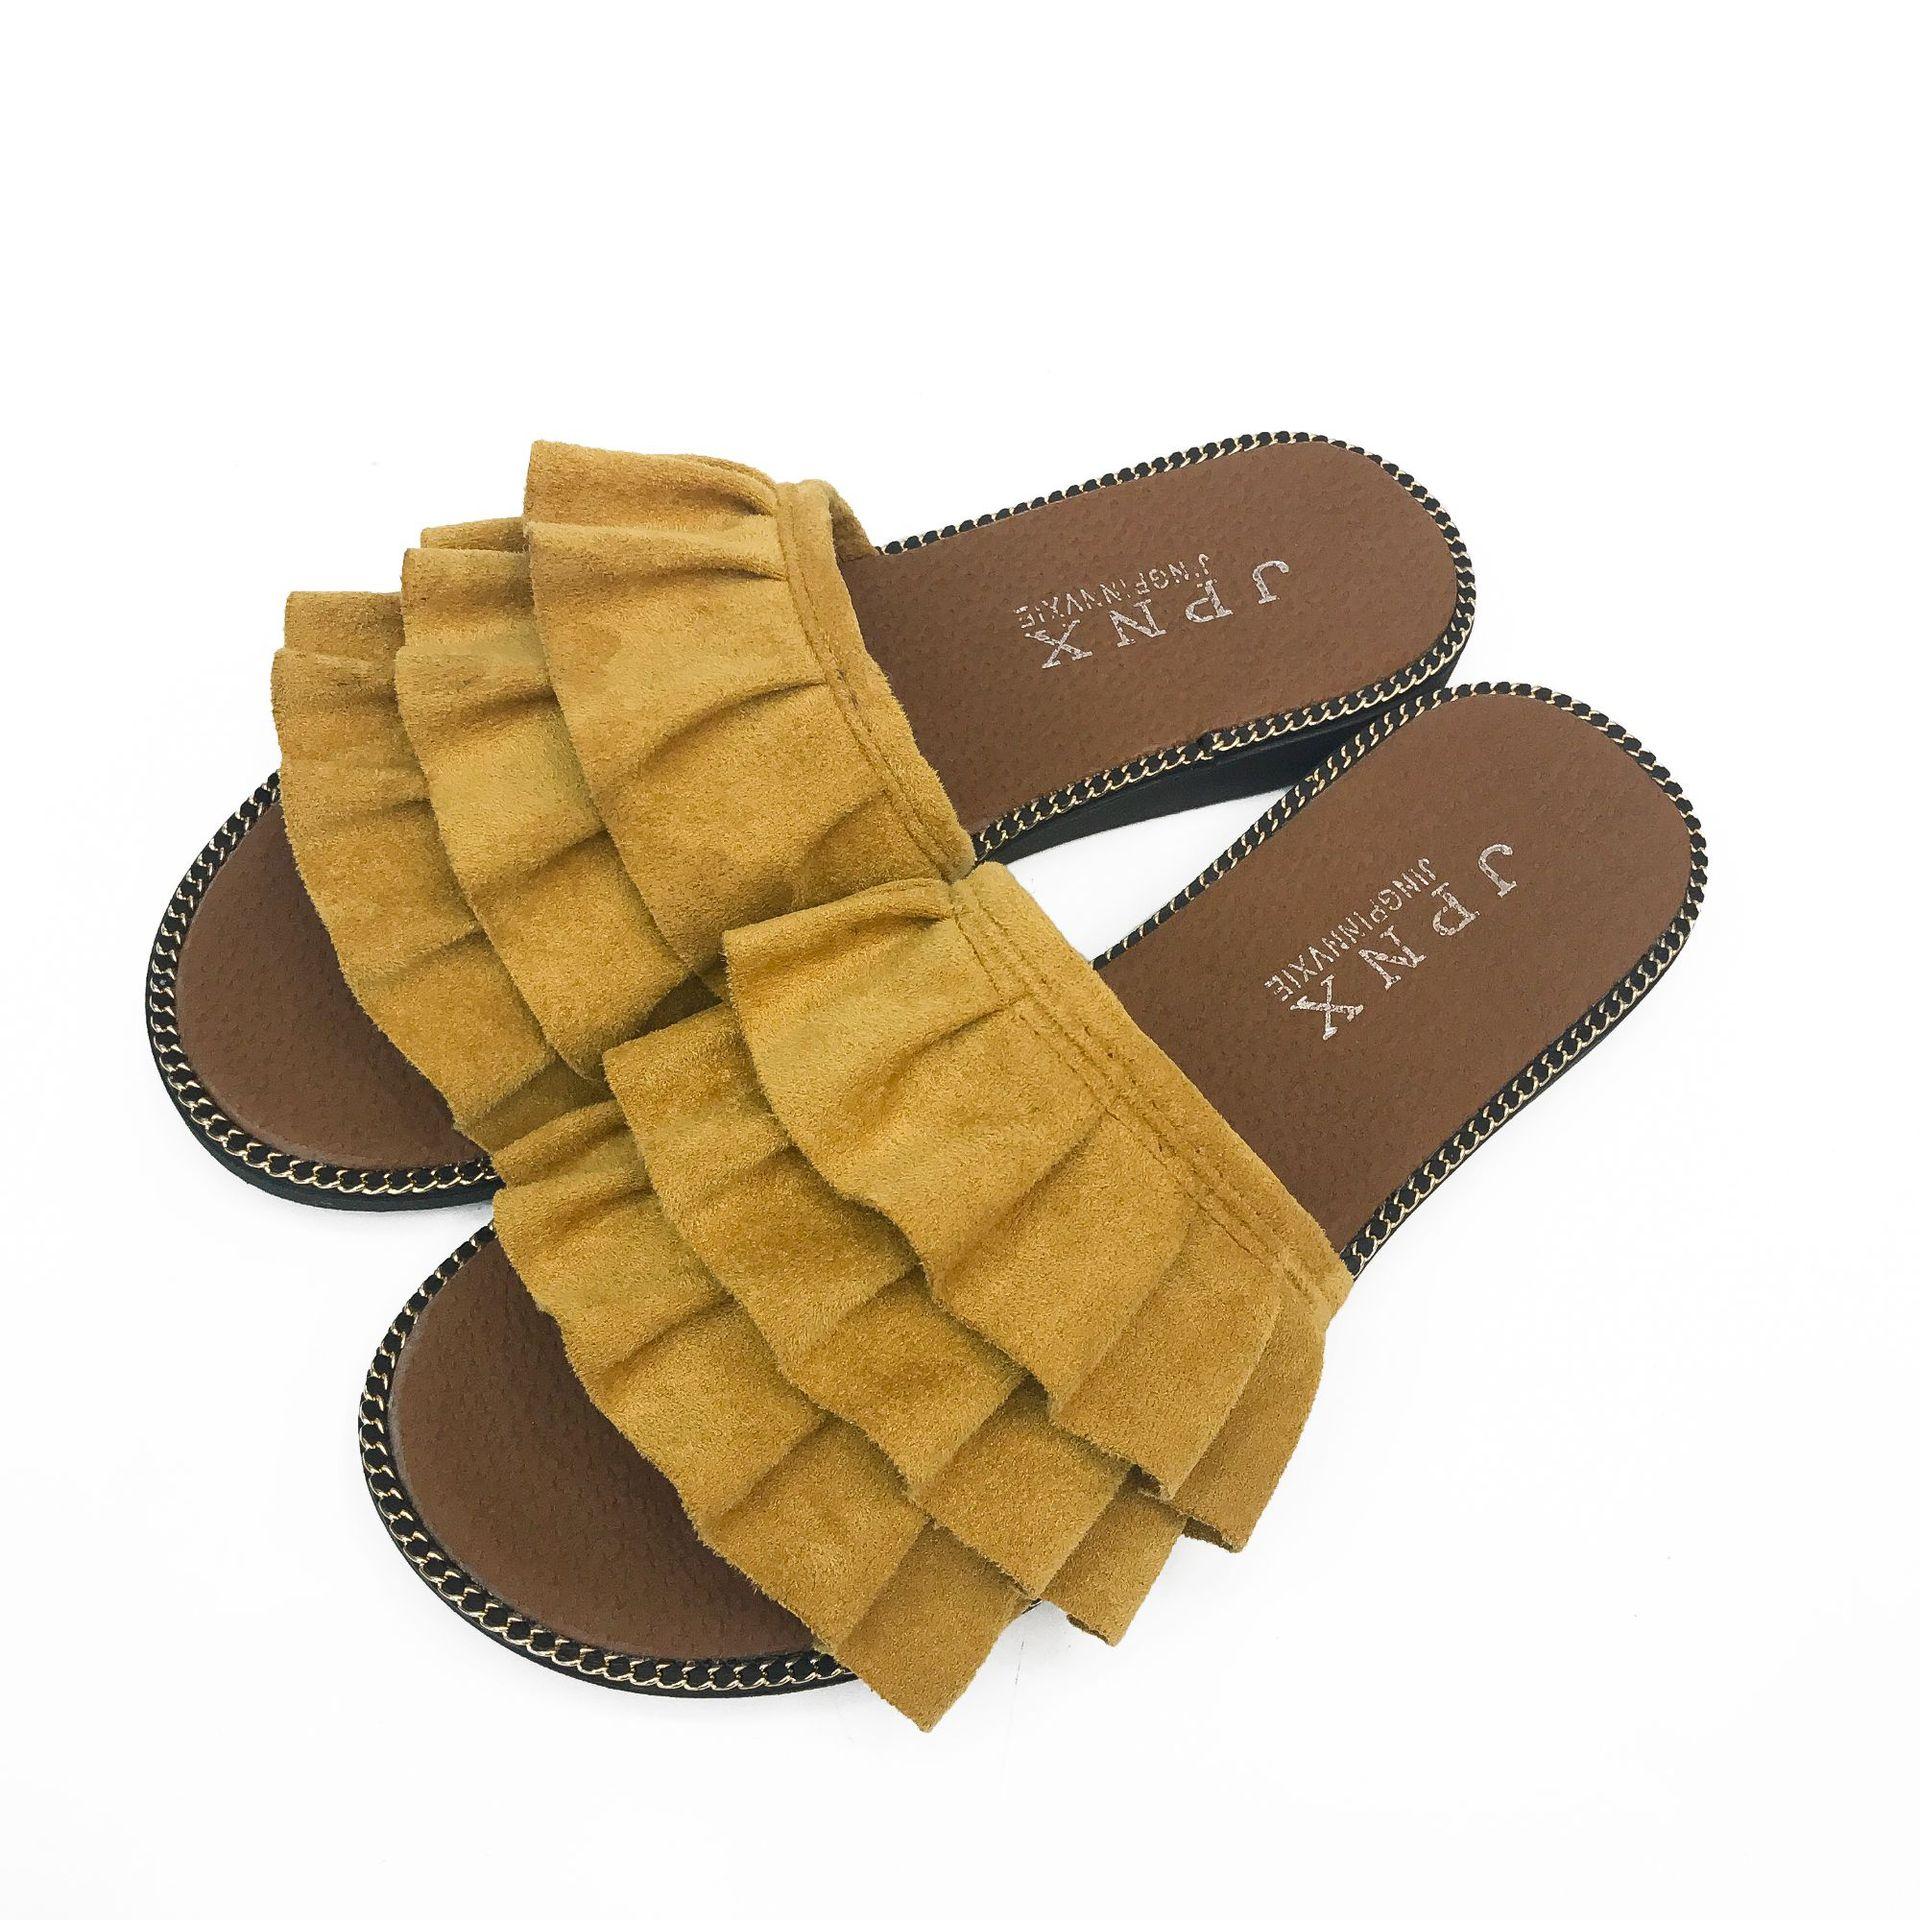 Прямая доставка Blings слайды Для женщин дизайнер Creepers сандалии открытый носок уютный Для женщин тапочки с мячом вьетнамки лук слипоны